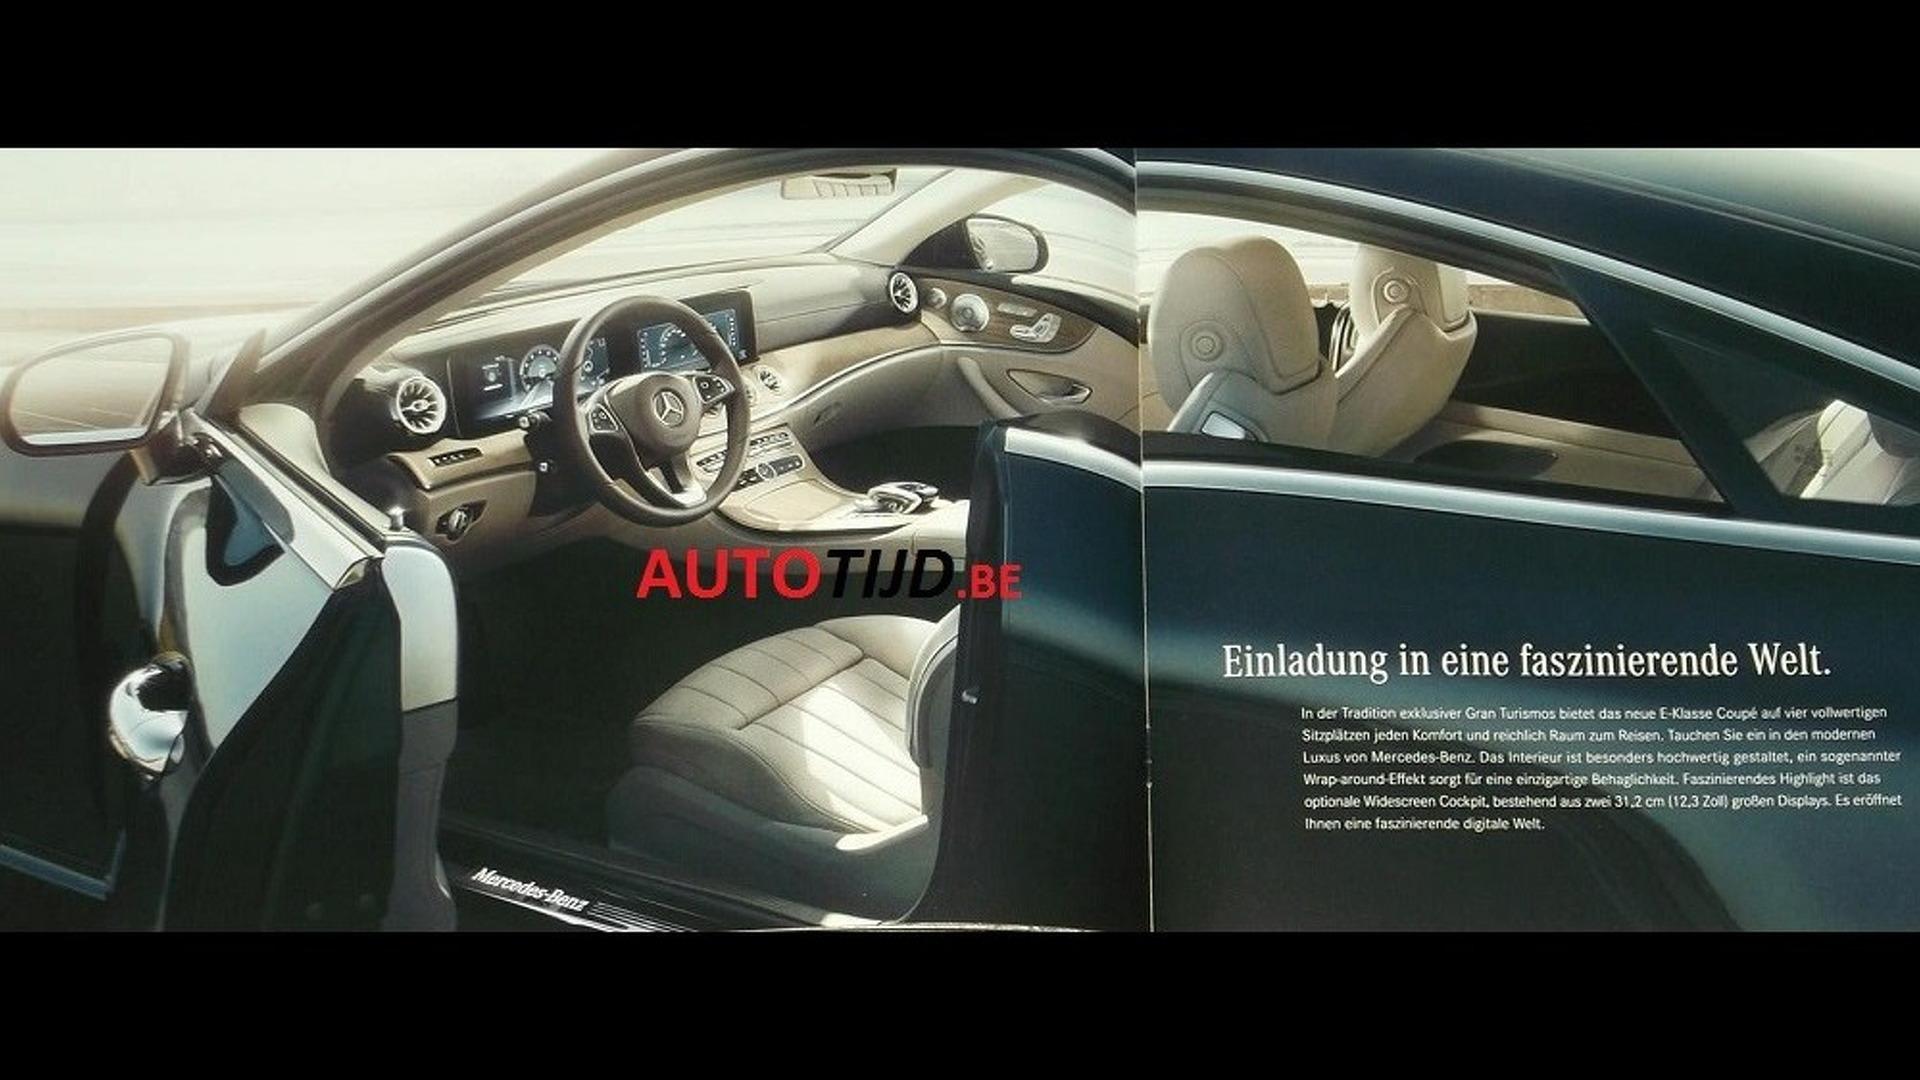 2018 Mercedes-Benz E-Class Coupe leaked - Image via AutoTijd